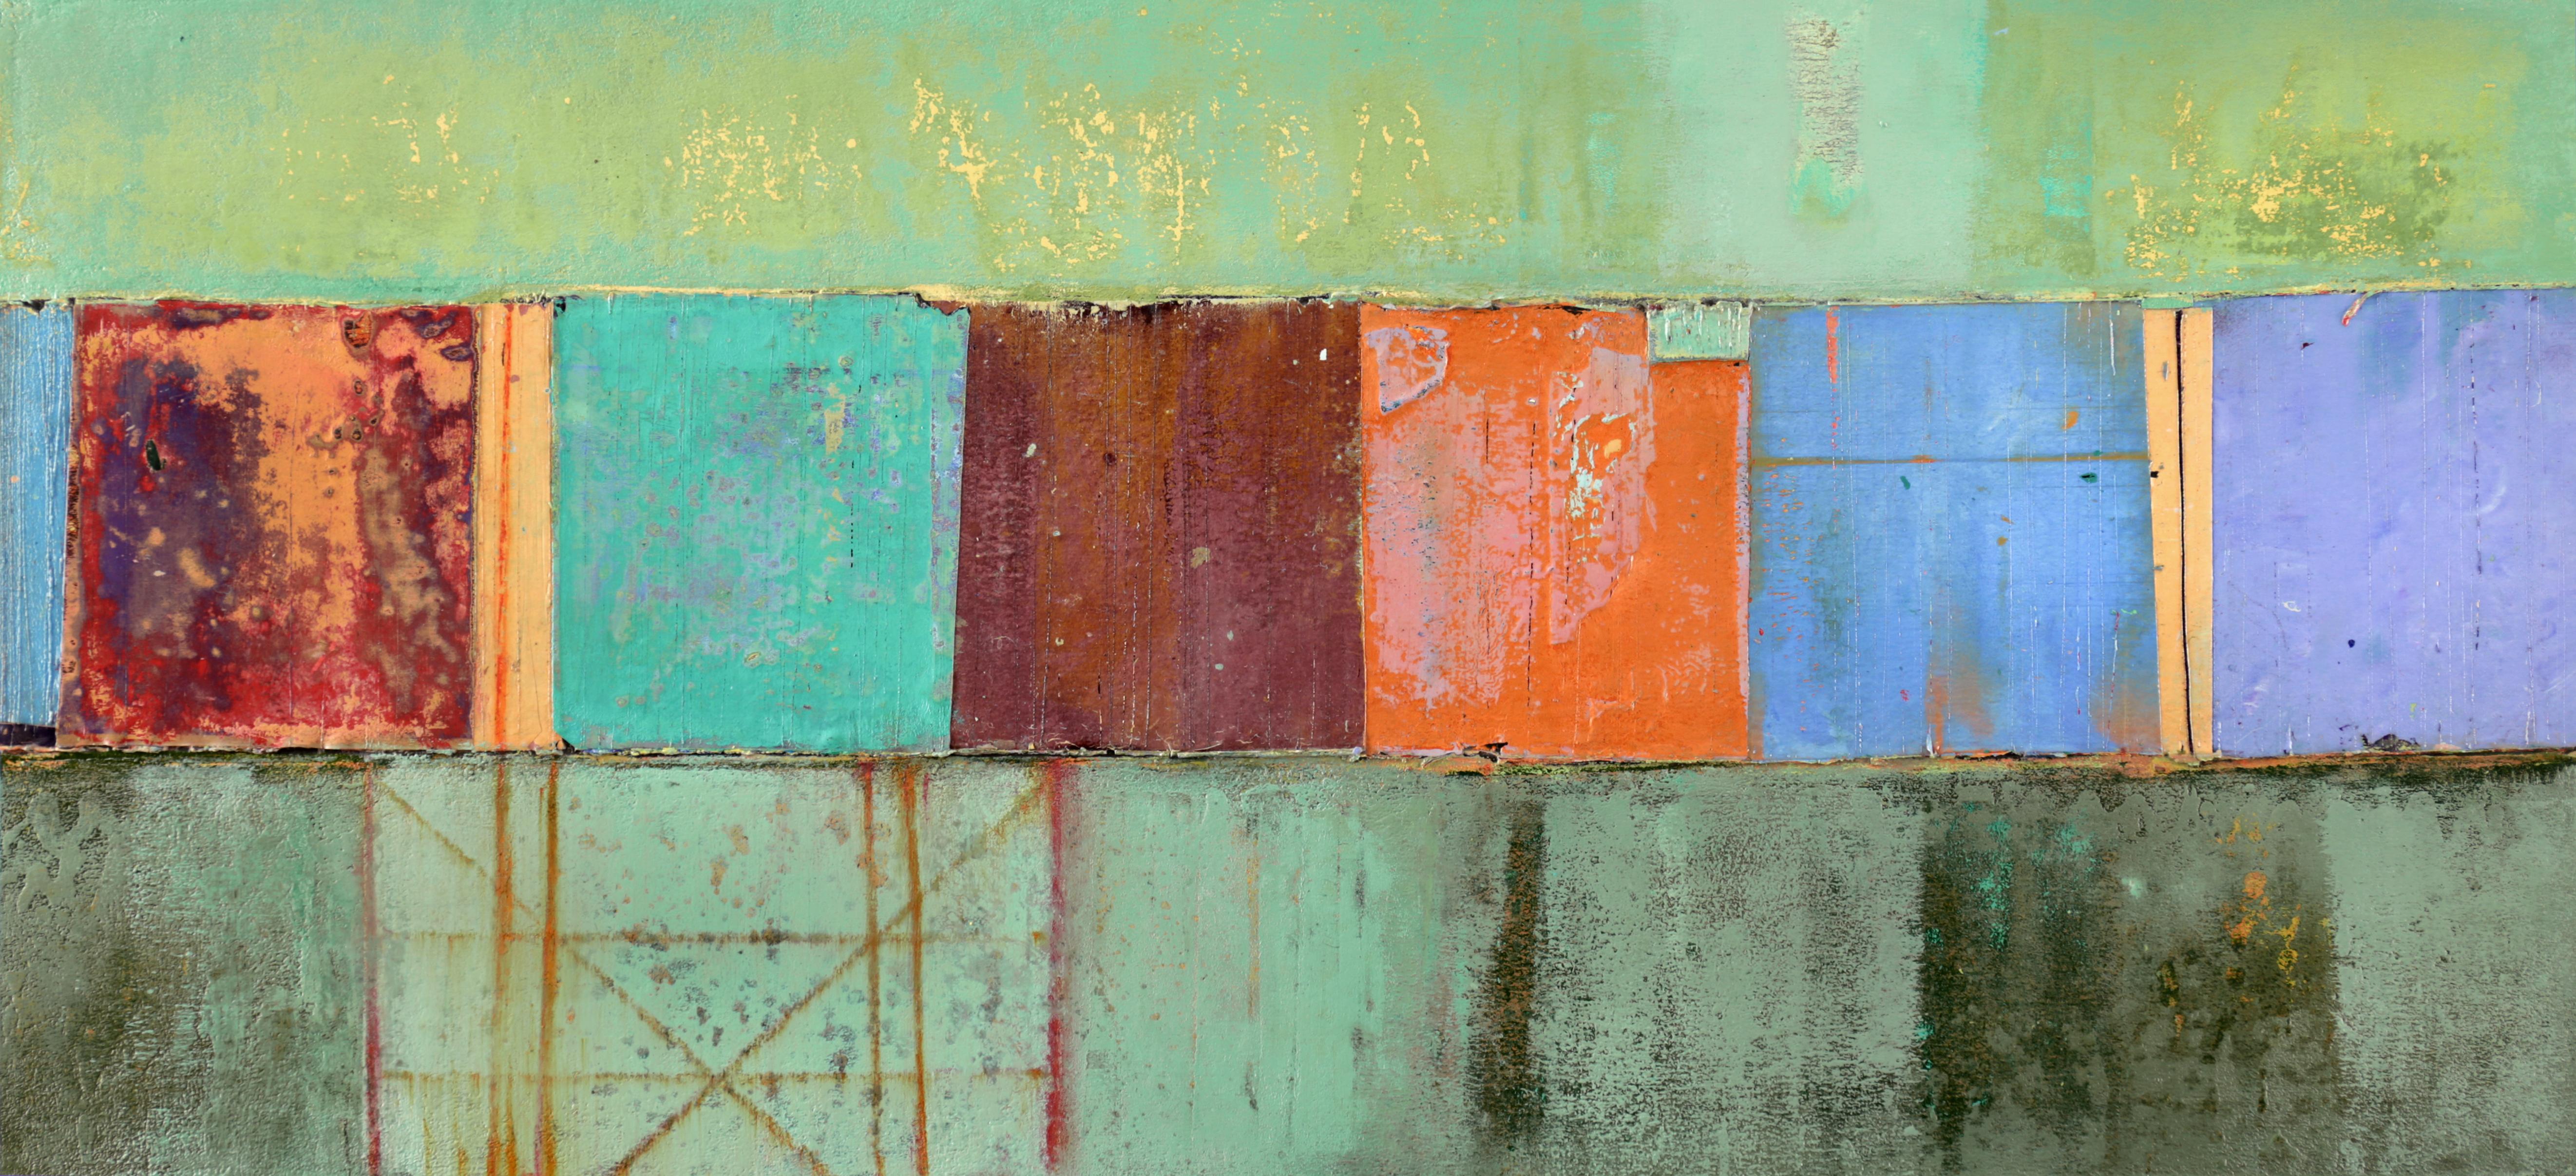 Wanton Composite IX (private collection)